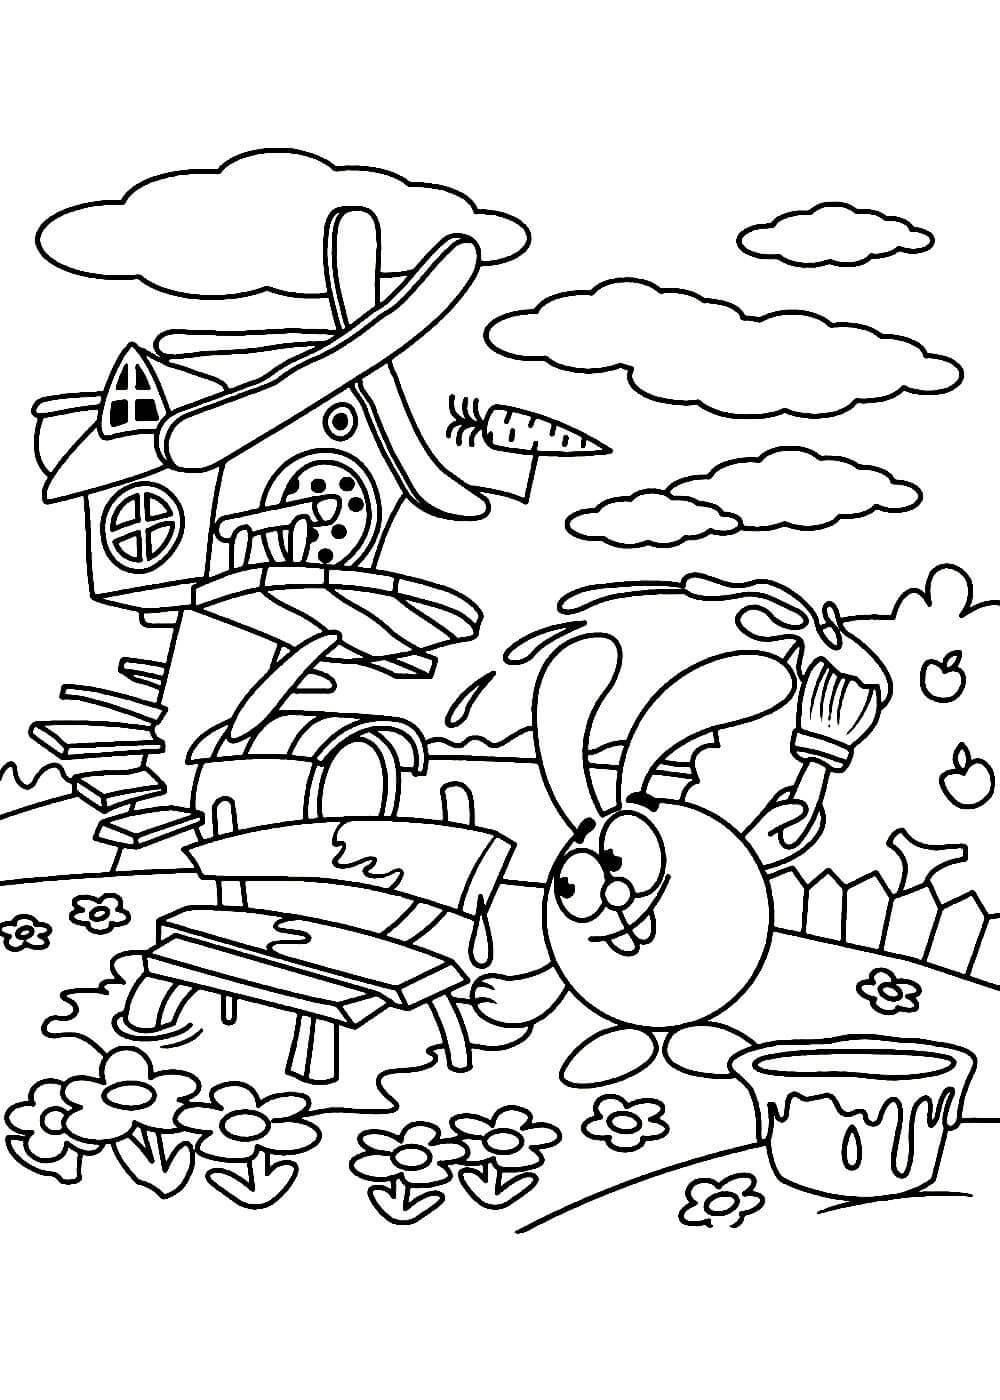 Раскраски Смешарики распечатать или скачать бесплатно в ...